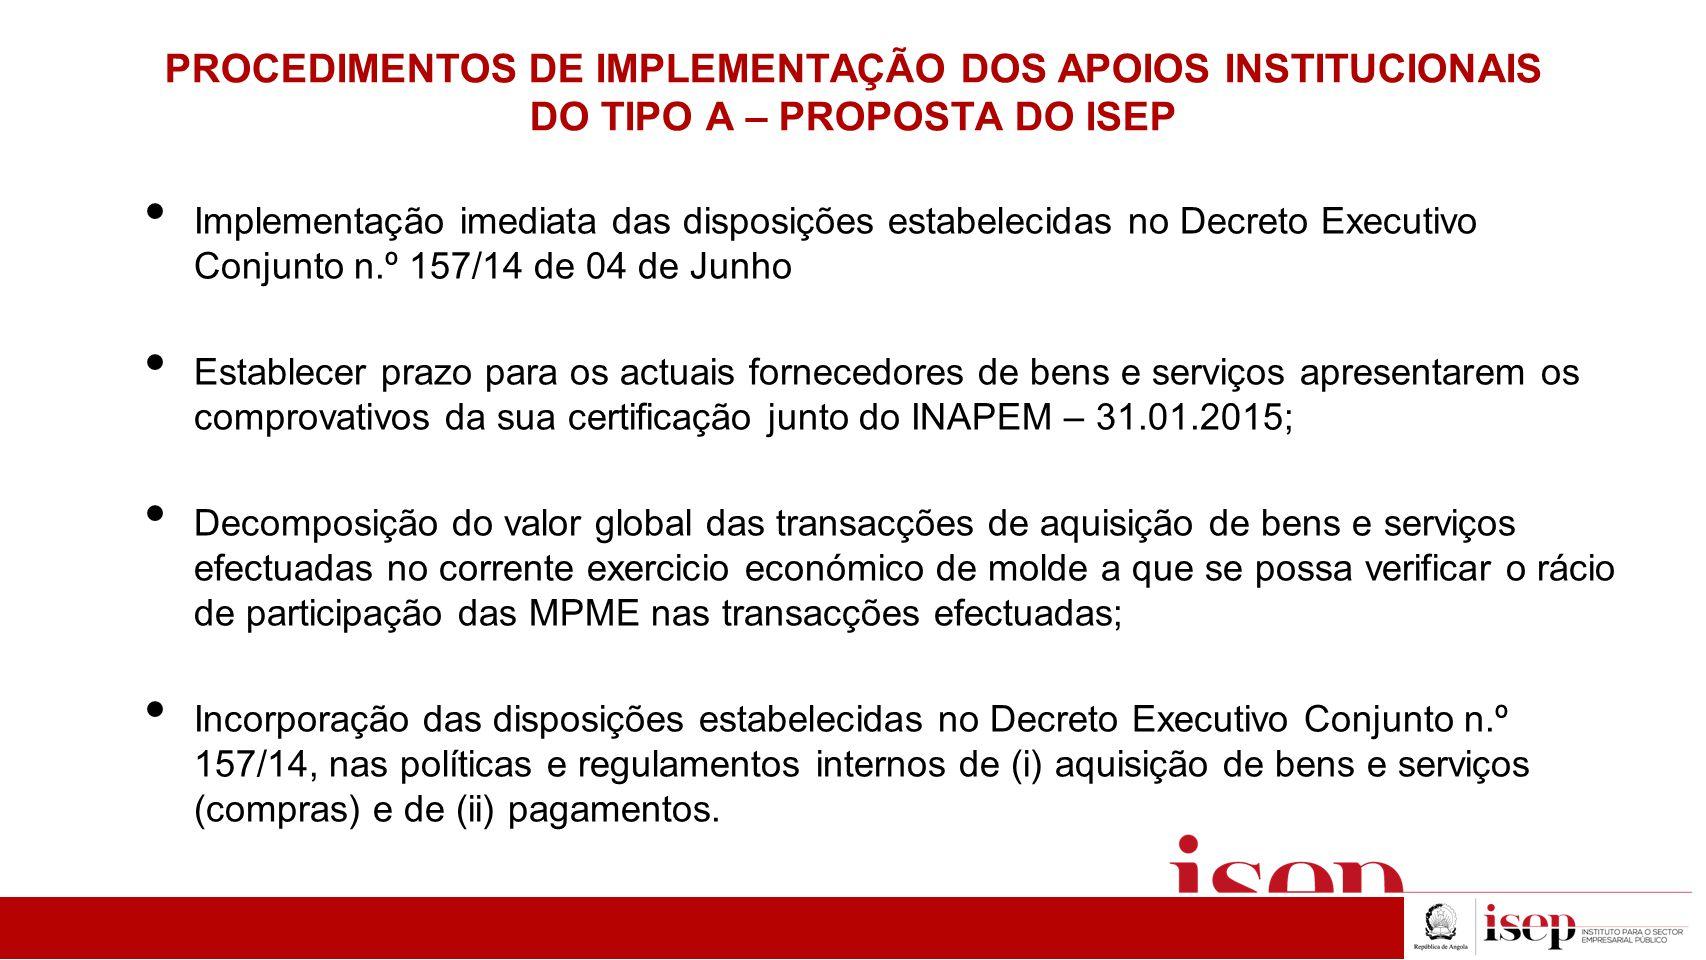 PROCEDIMENTOS DE IMPLEMENTAÇÃO DOS APOIOS INSTITUCIONAIS DO TIPO A – PROPOSTA DO ISEP